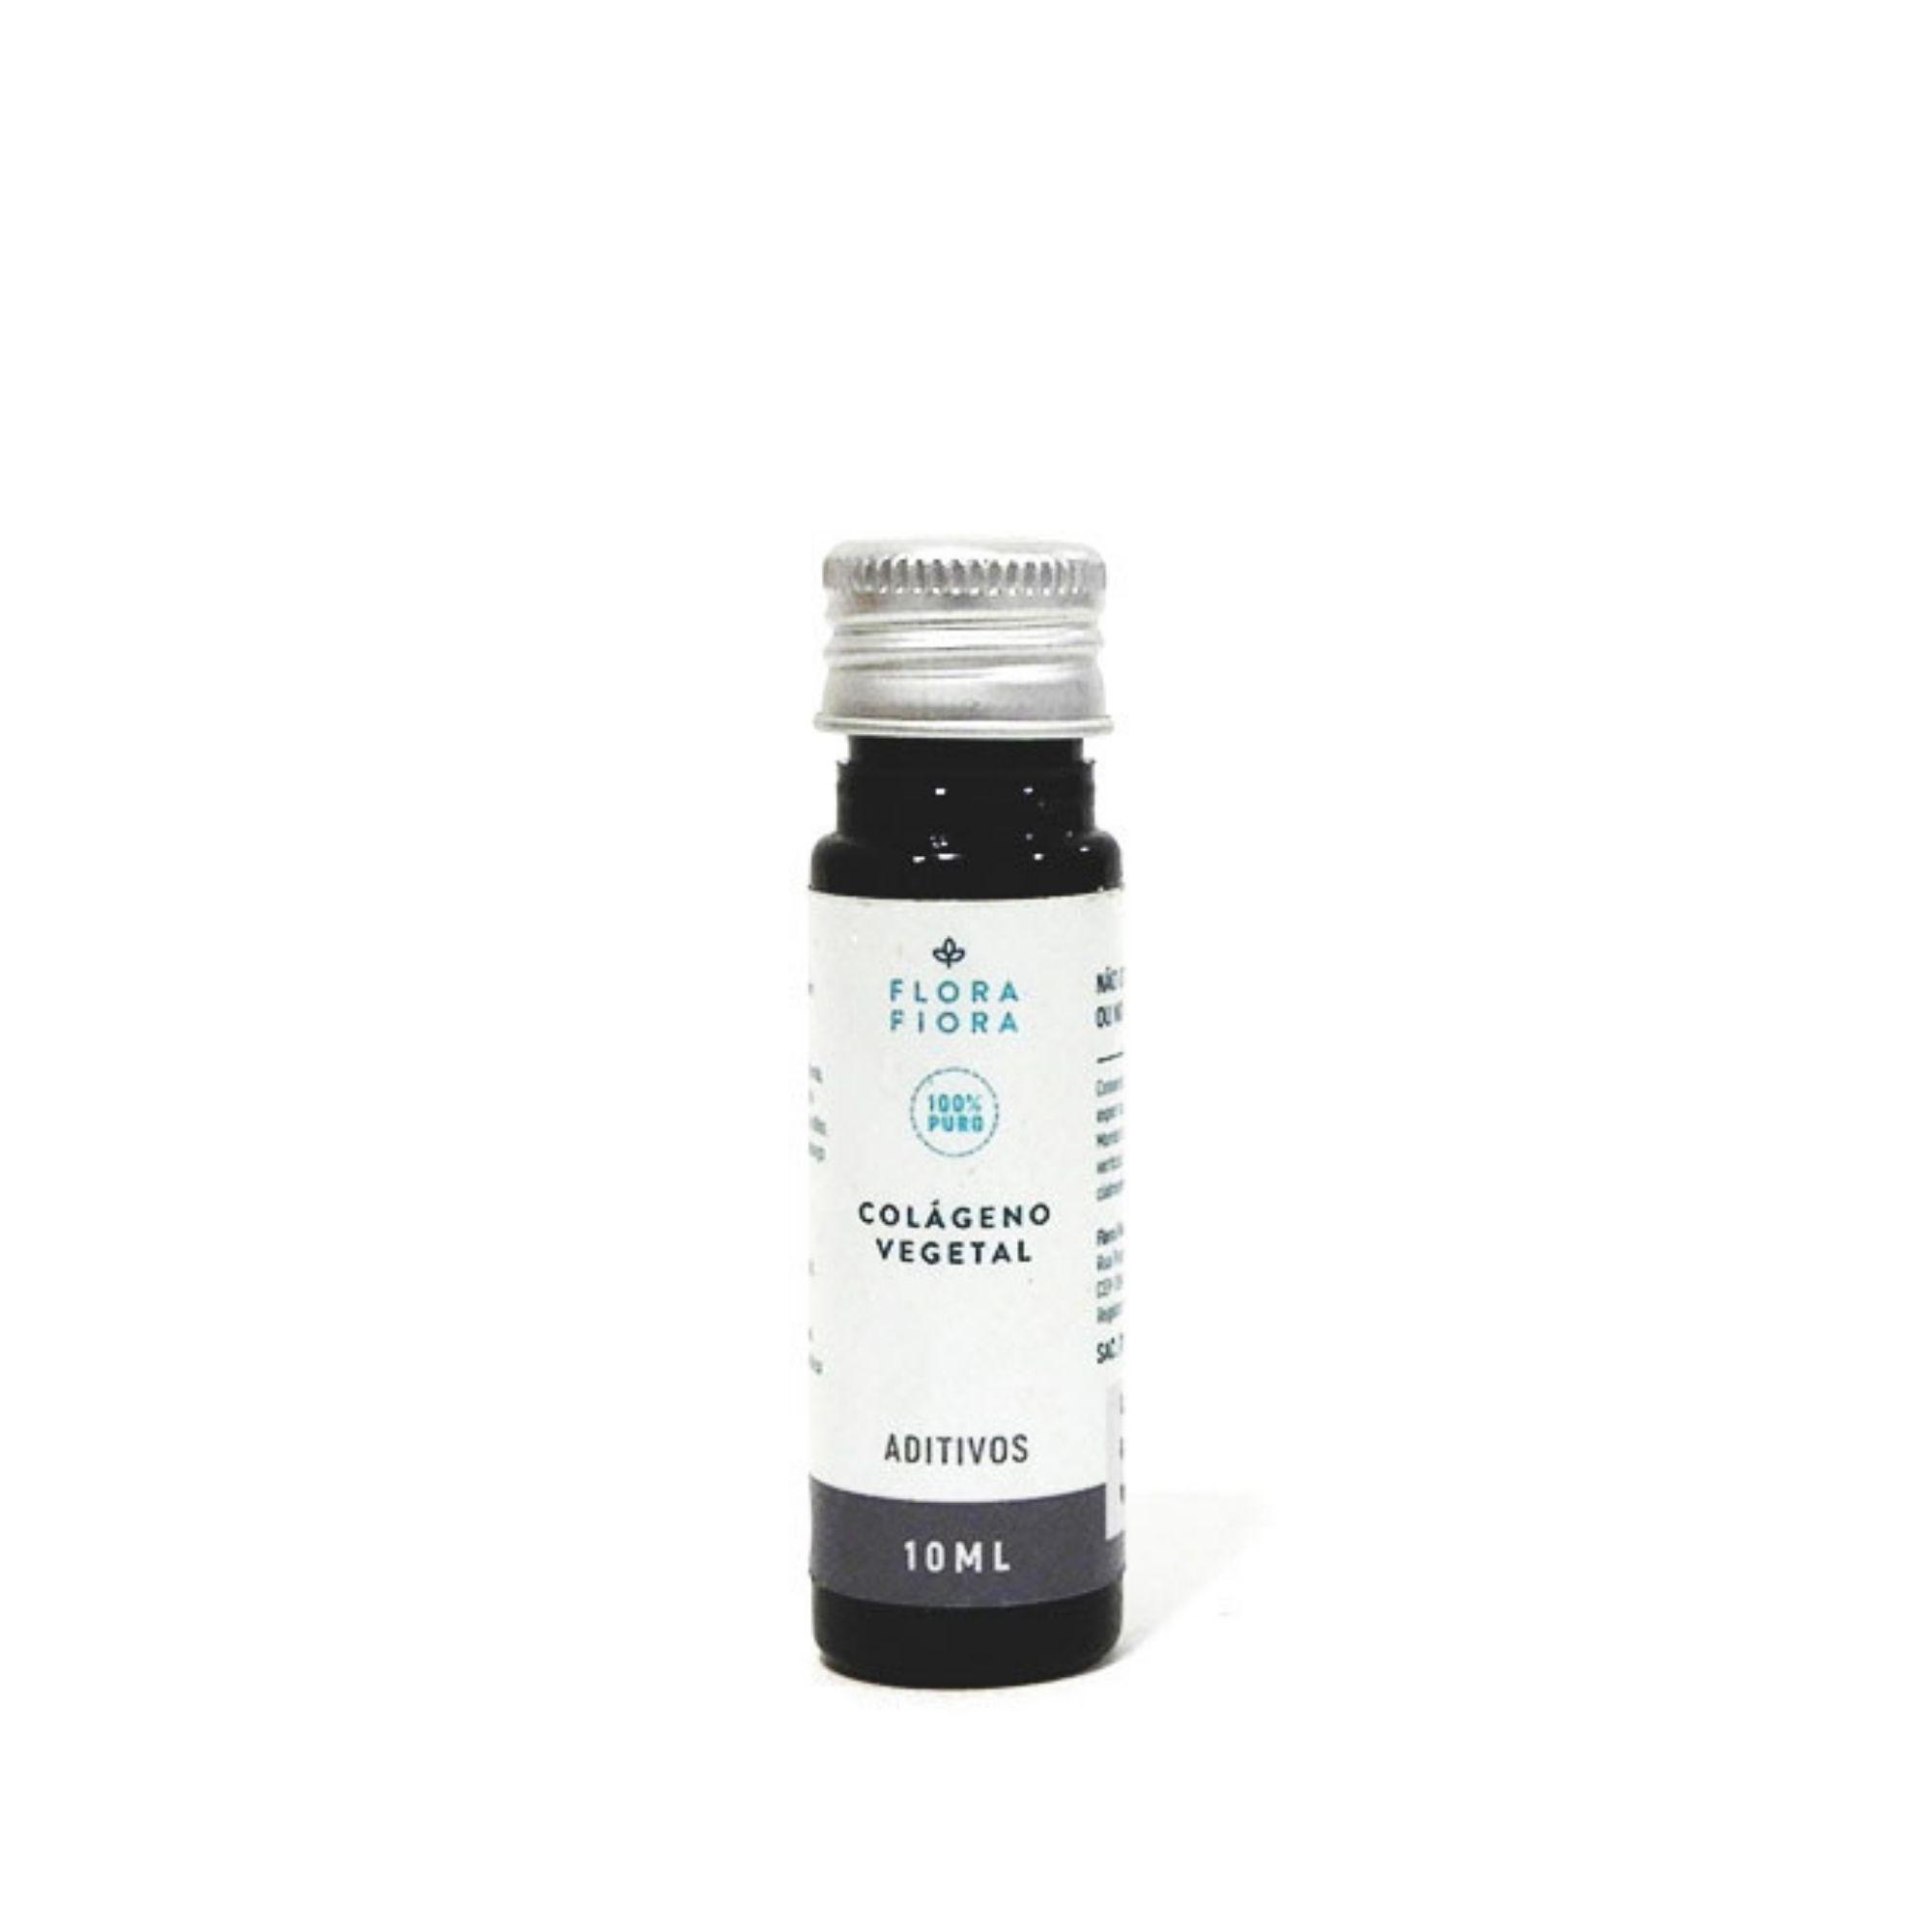 Colágeno Hidrolisado Vegetal (Líquido) - 10ml  - Flora Fiora